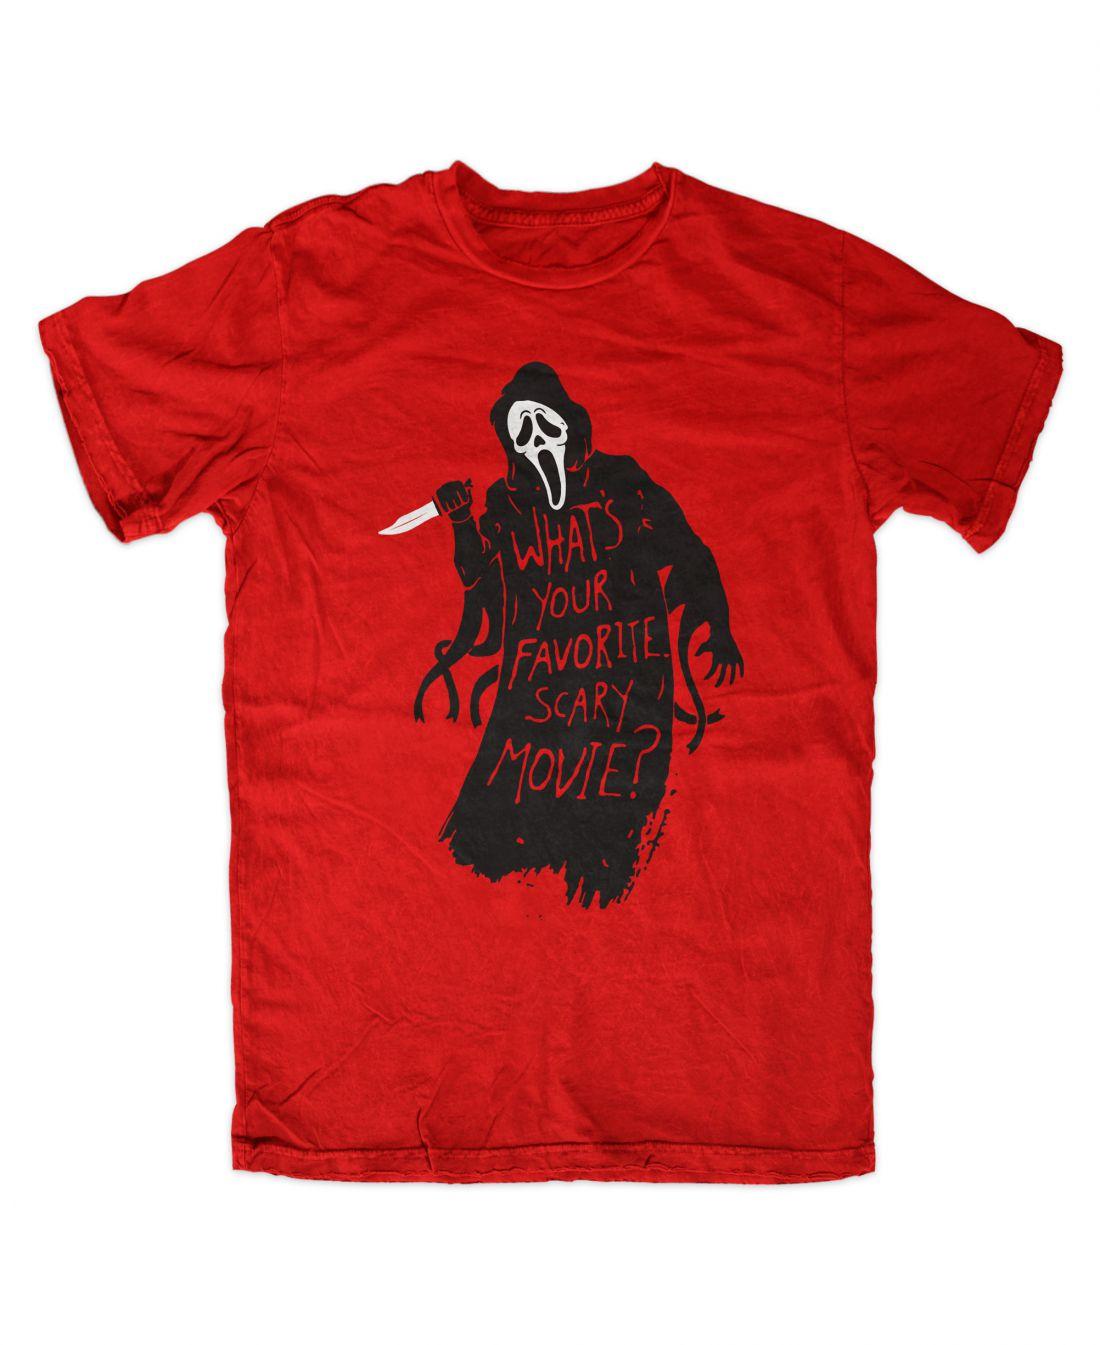 Favorite Scary Movie (piros póló)